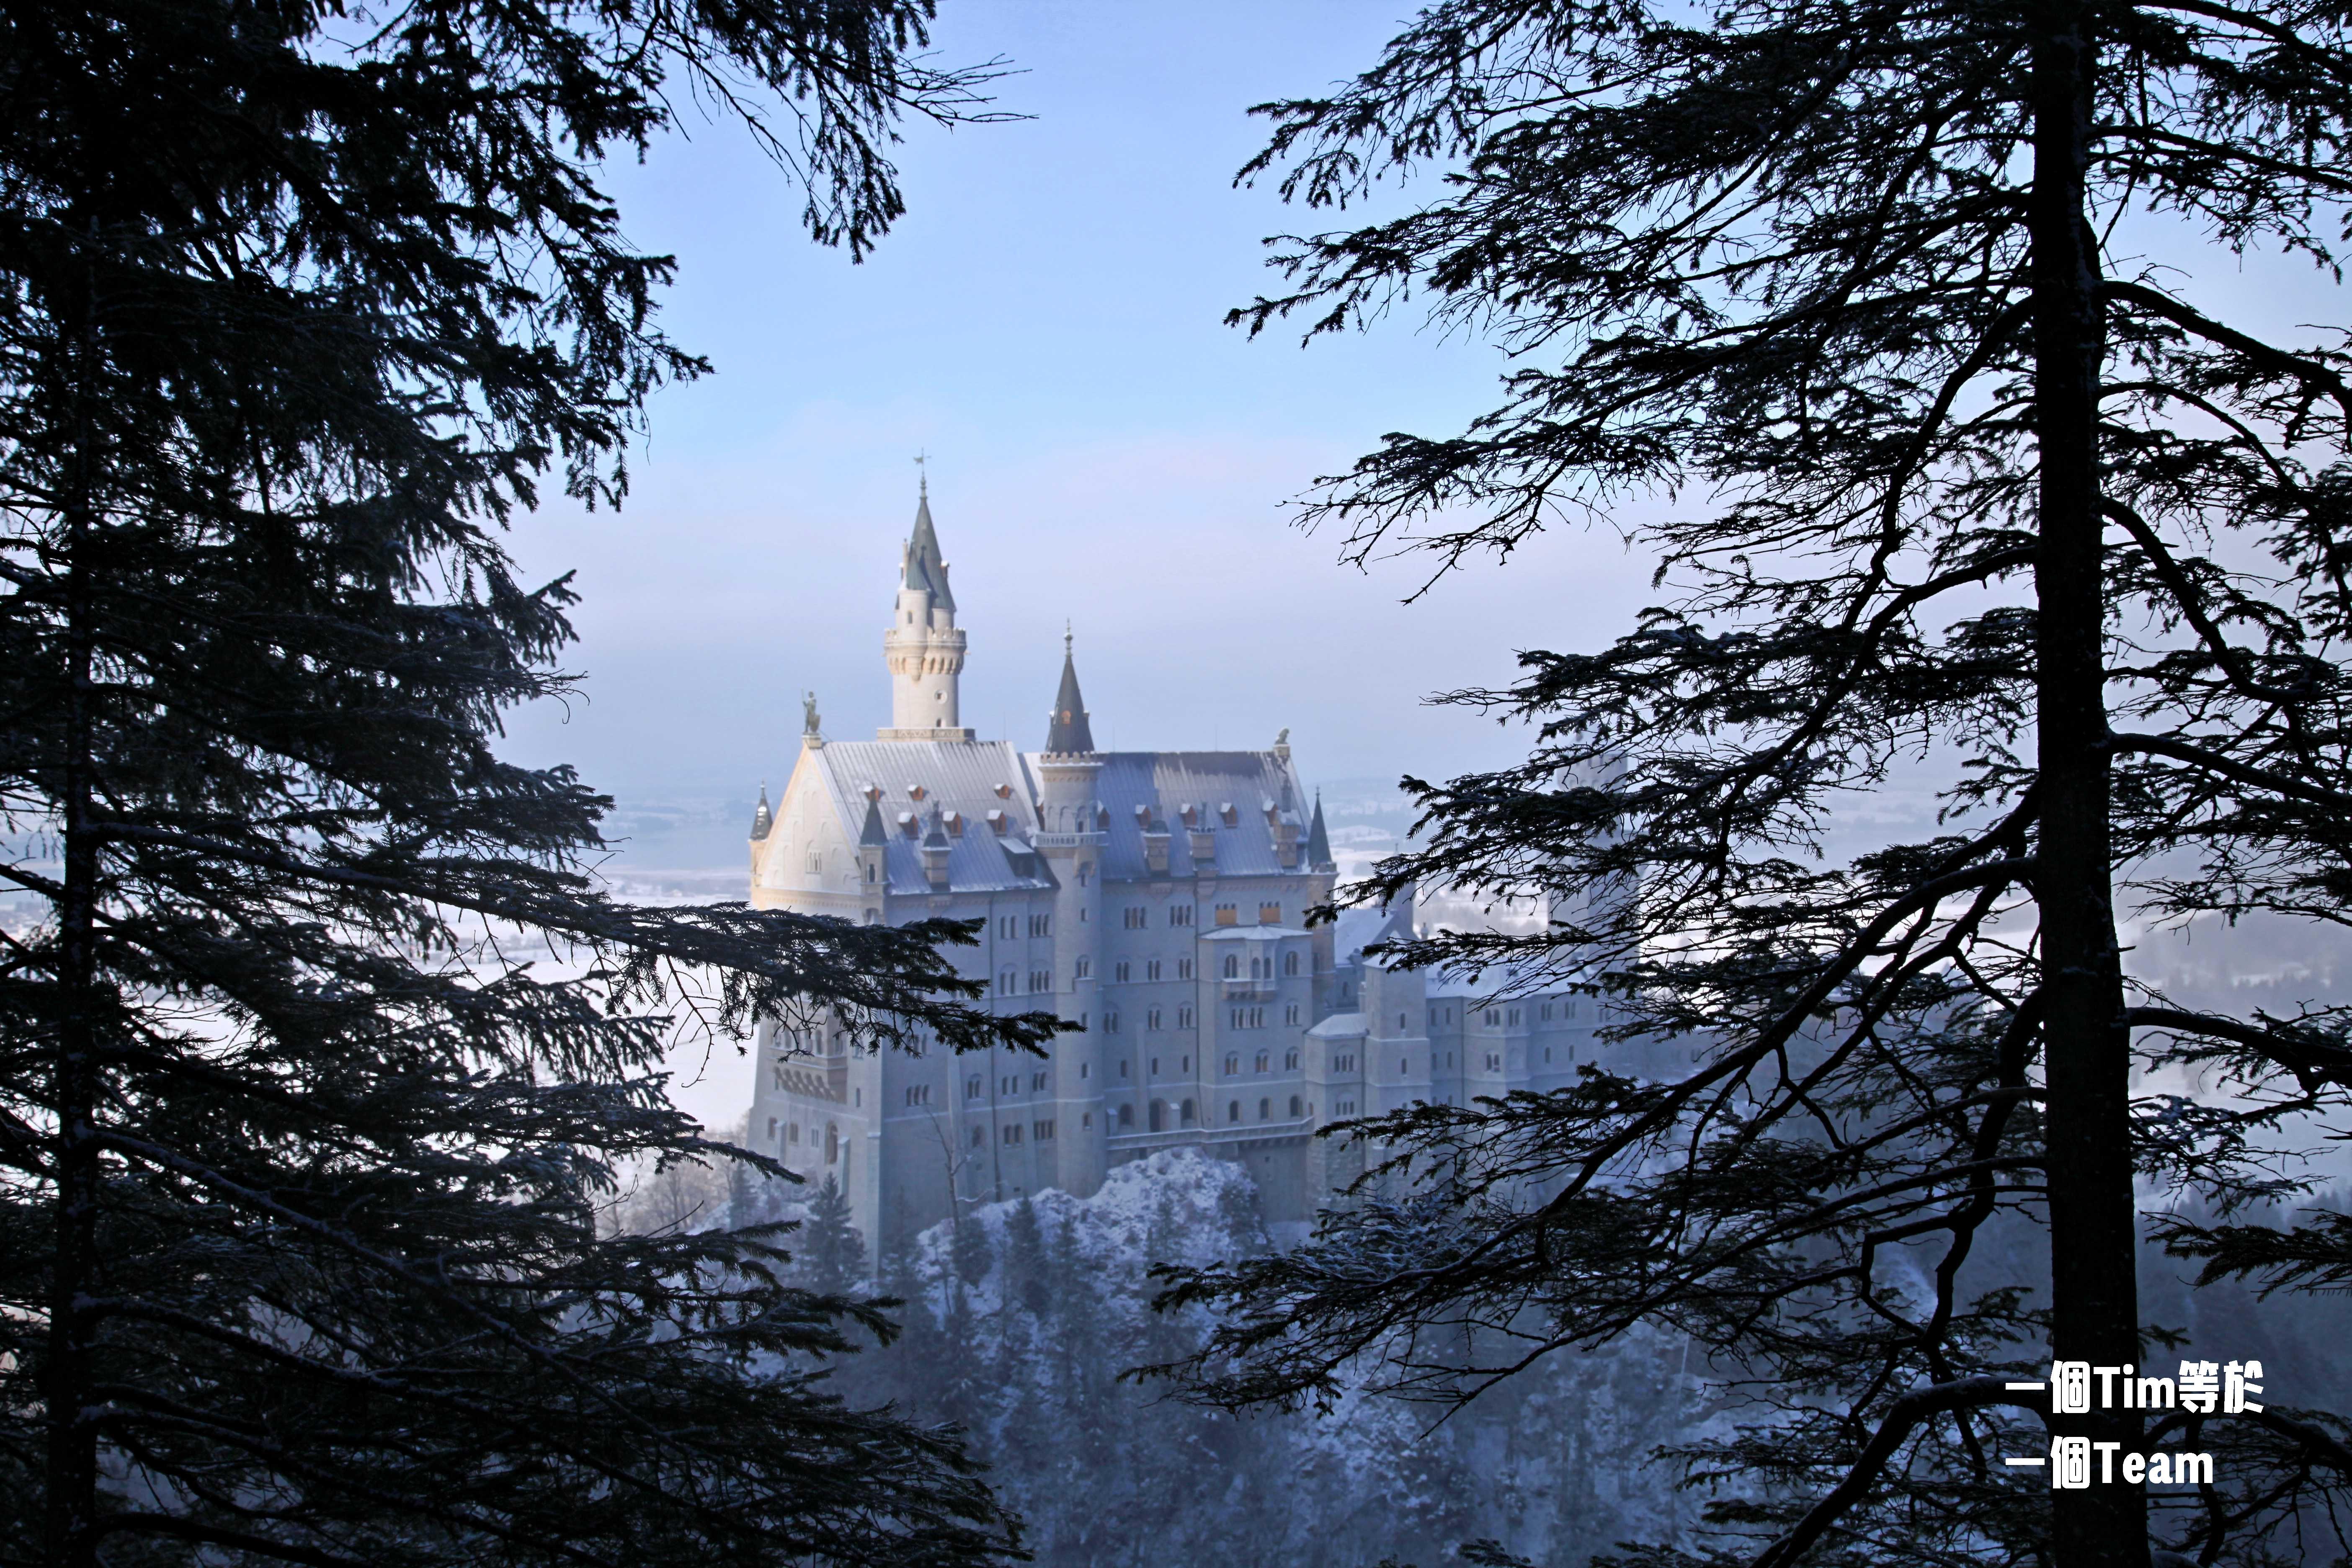 德國.富森|瑪莉安橋封了怎麼辦?新天鵝堡交通、DB邦票、城堡冬季拍照秘密景點